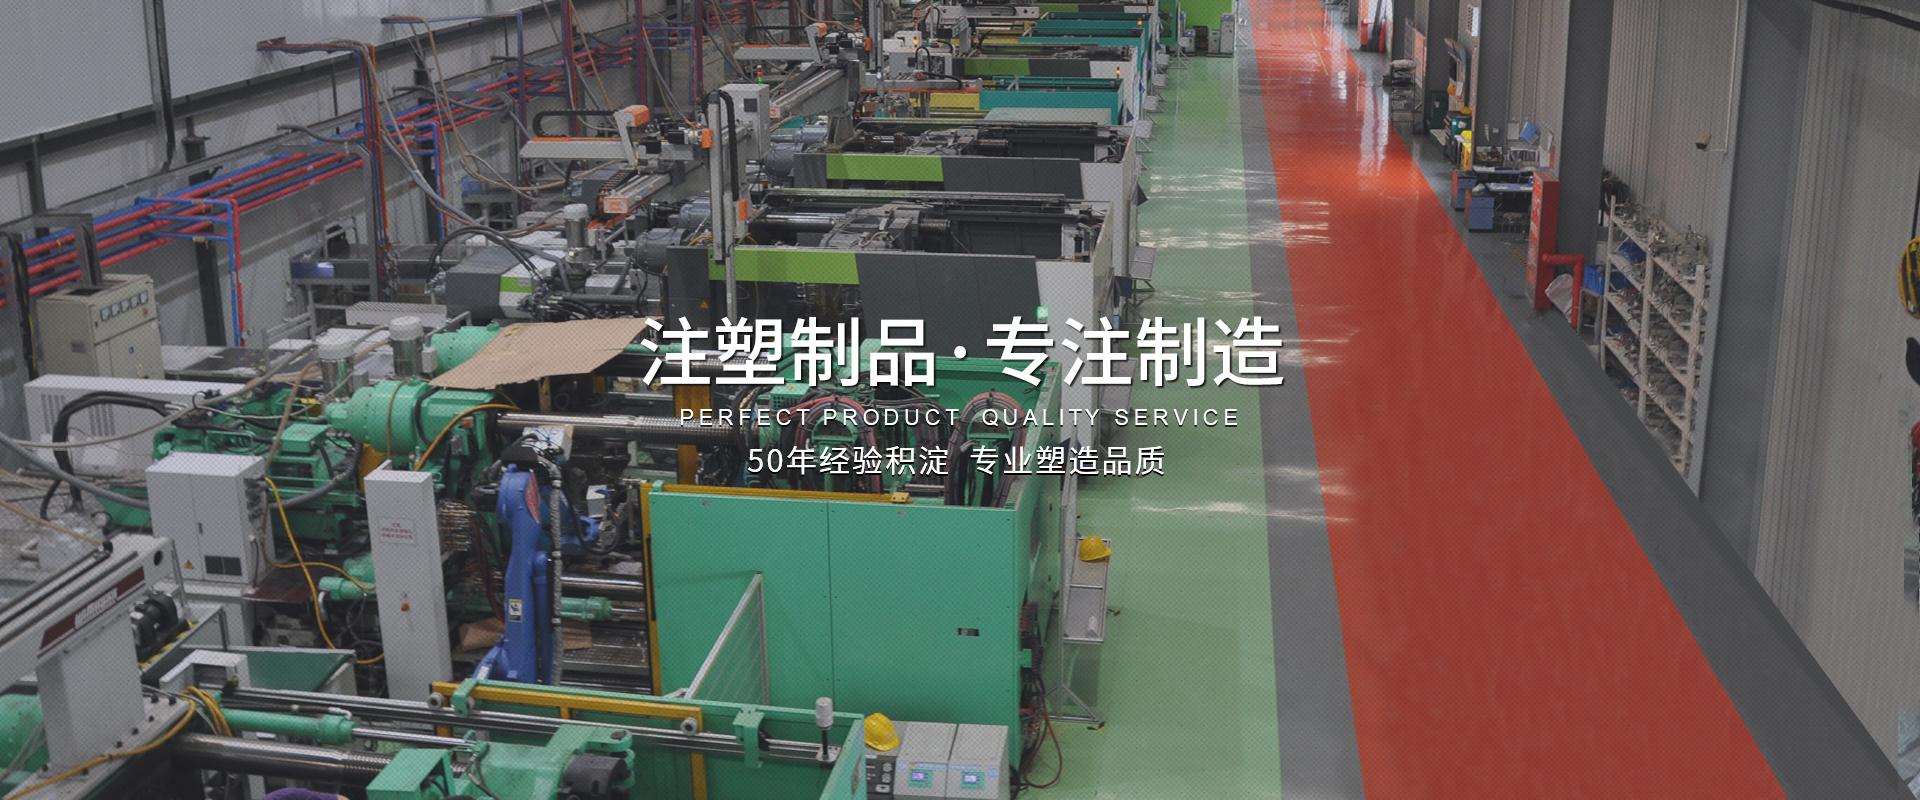 注塑加工,汽车零部件厂家,注塑厂家,车灯配件